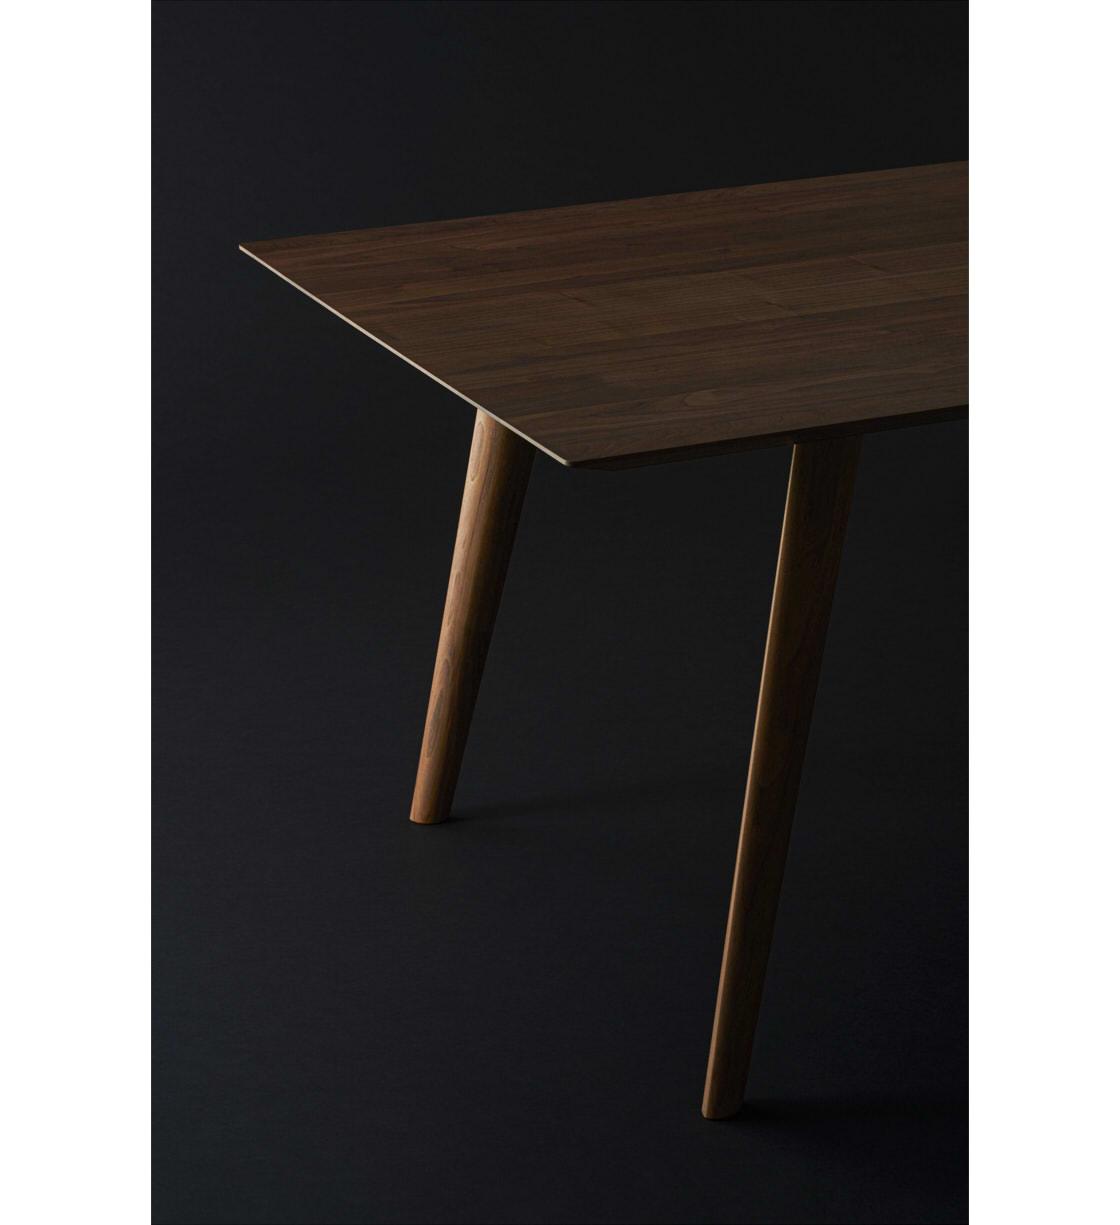 飛騨産業100周年記念製品 クマヒダ テーブル